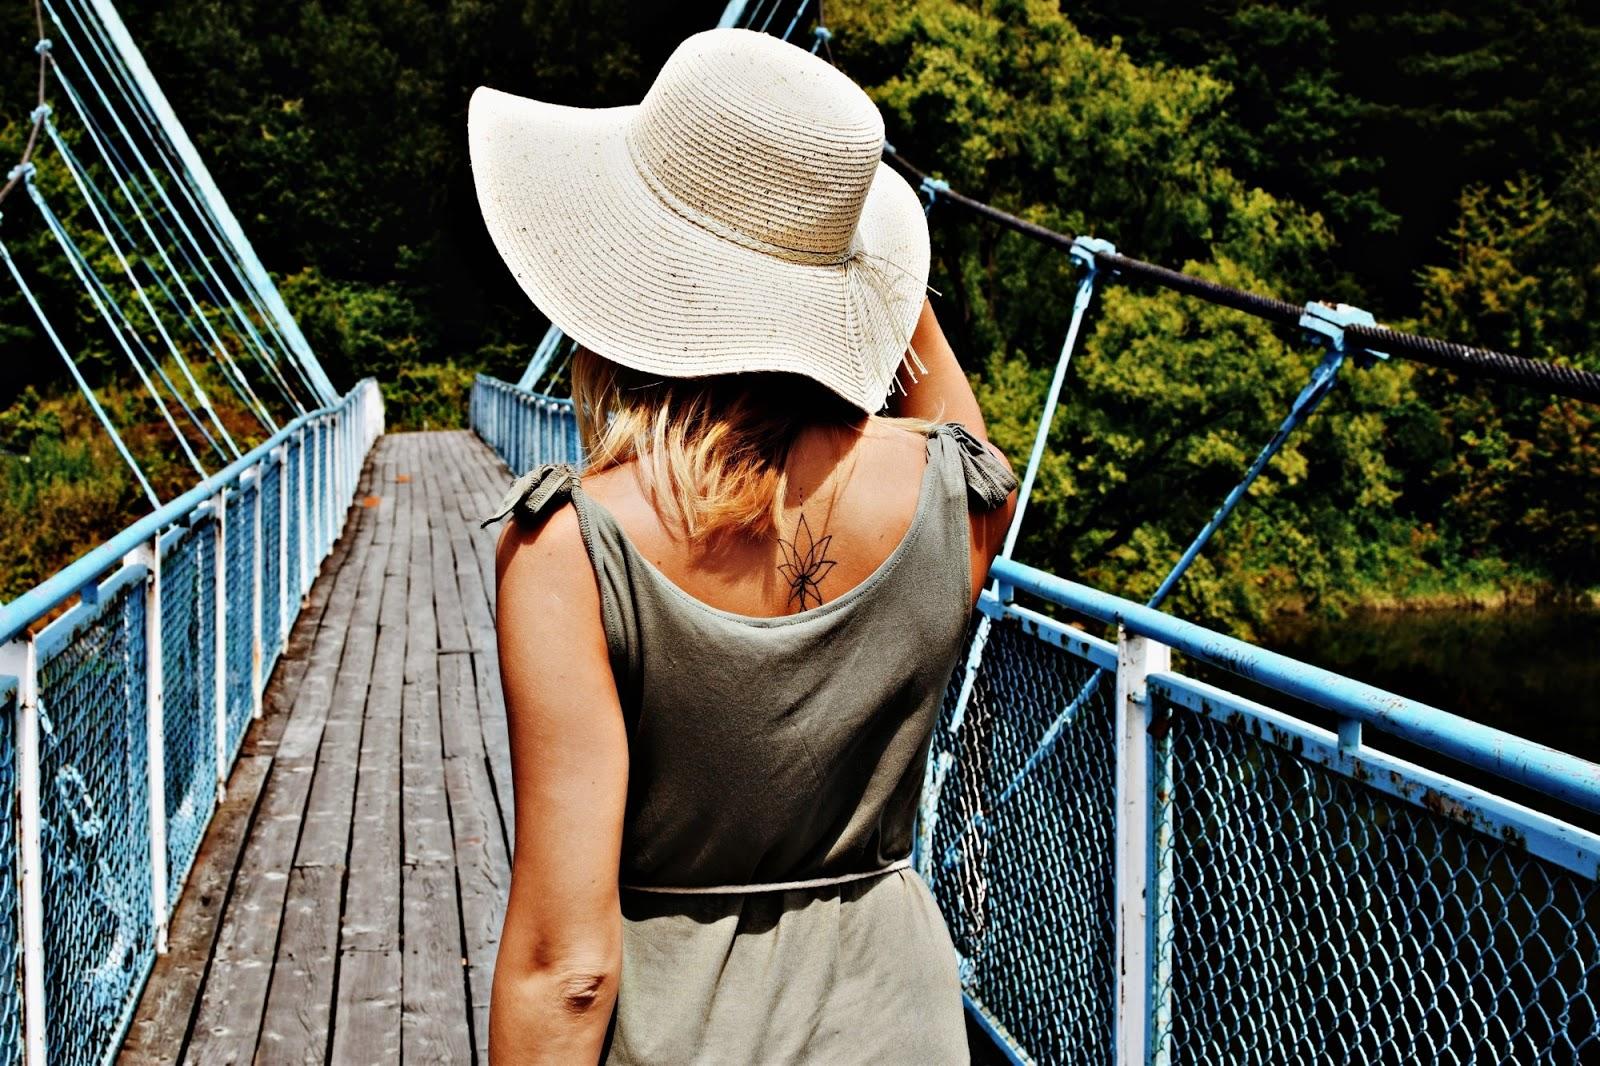 Sukienka shirtowa w letniej stylizacji